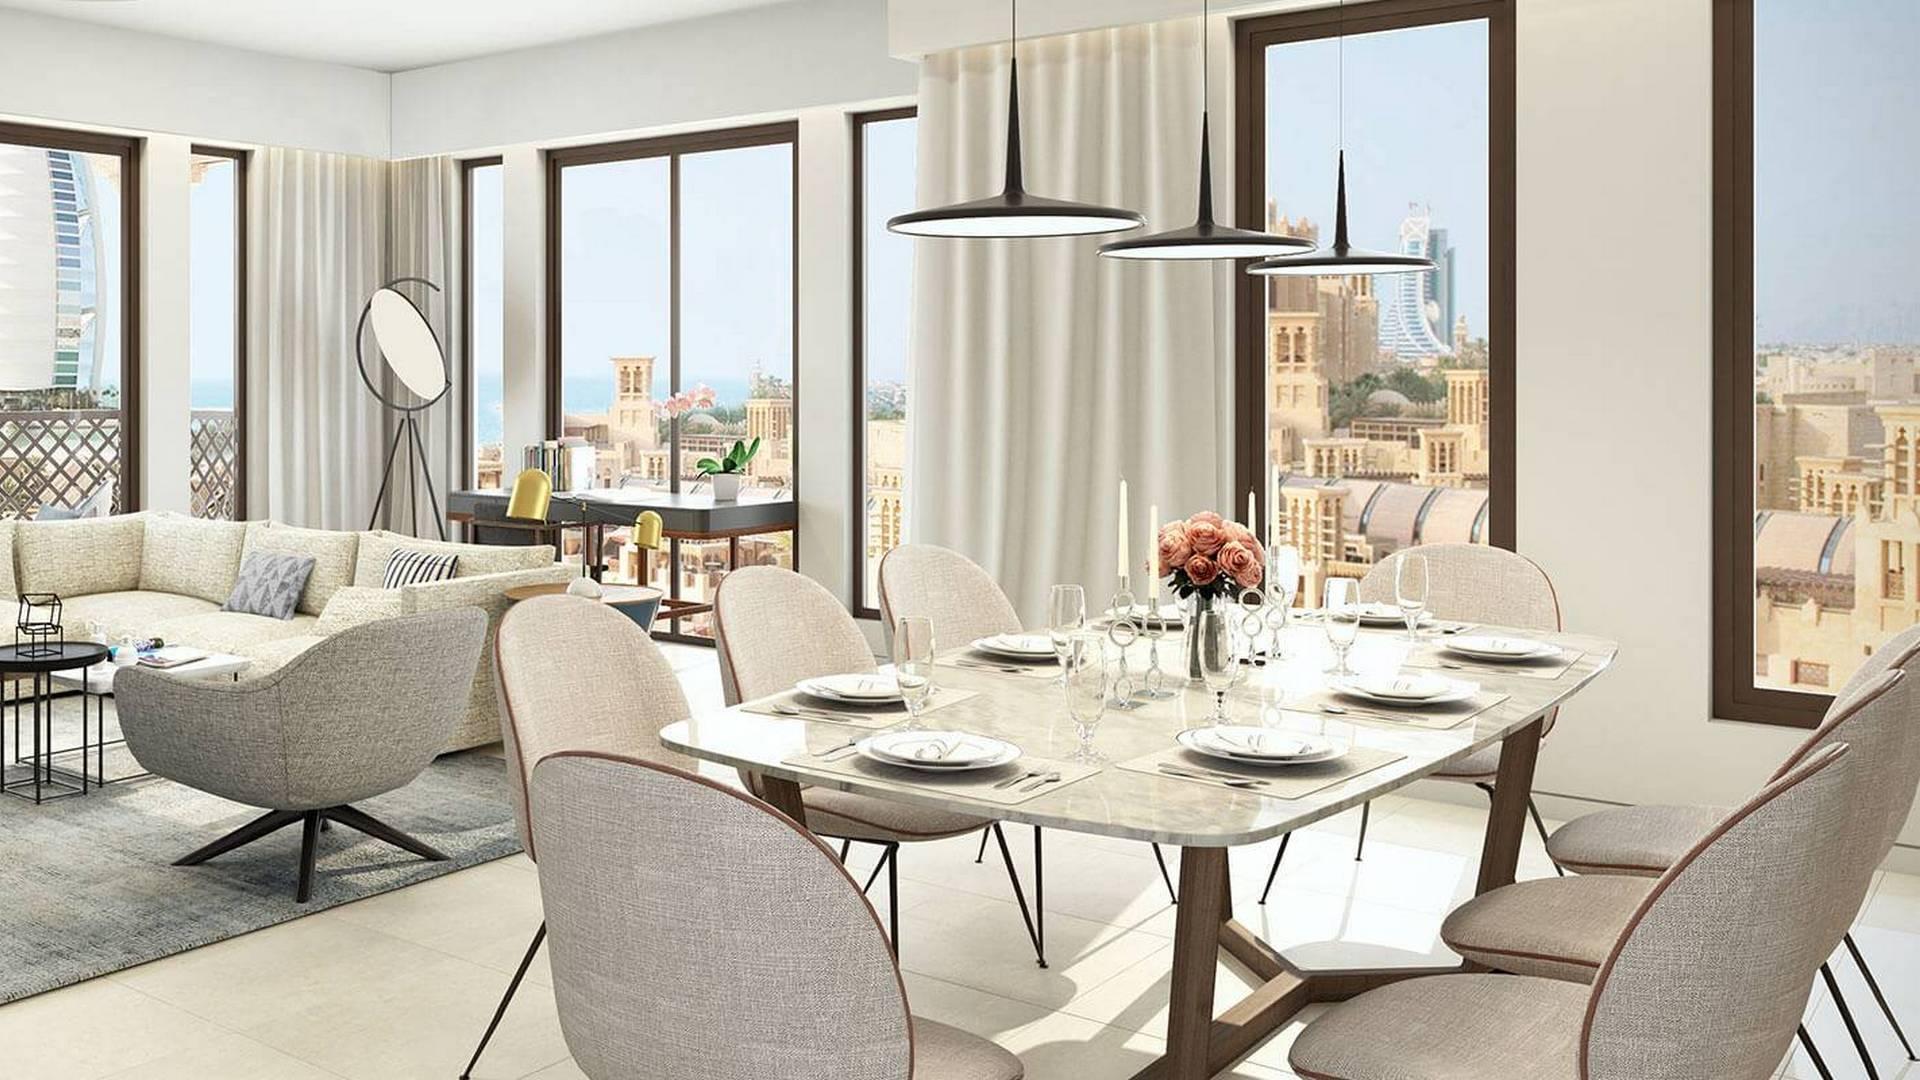 Apartamento en venta en Dubai, EAU, 4 dormitorios, 279 m2, № 23897 – foto 1